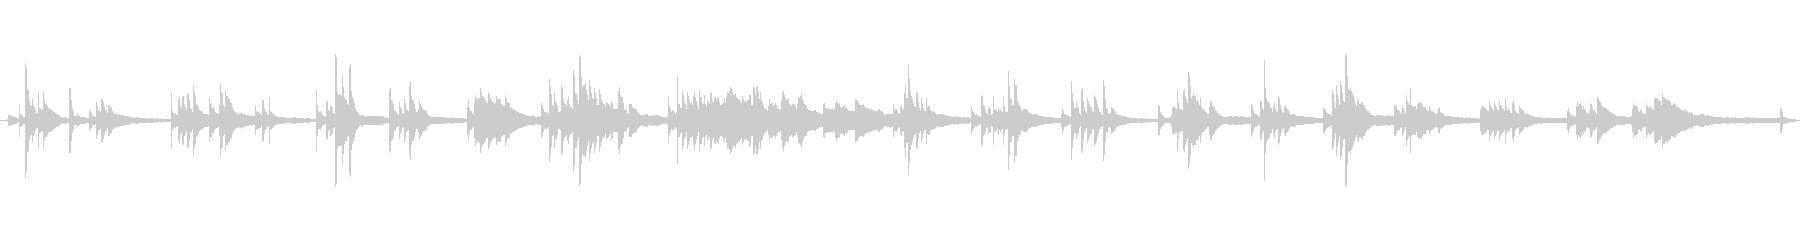 現代の交響曲 室内楽 劇的な 神経...の未再生の波形